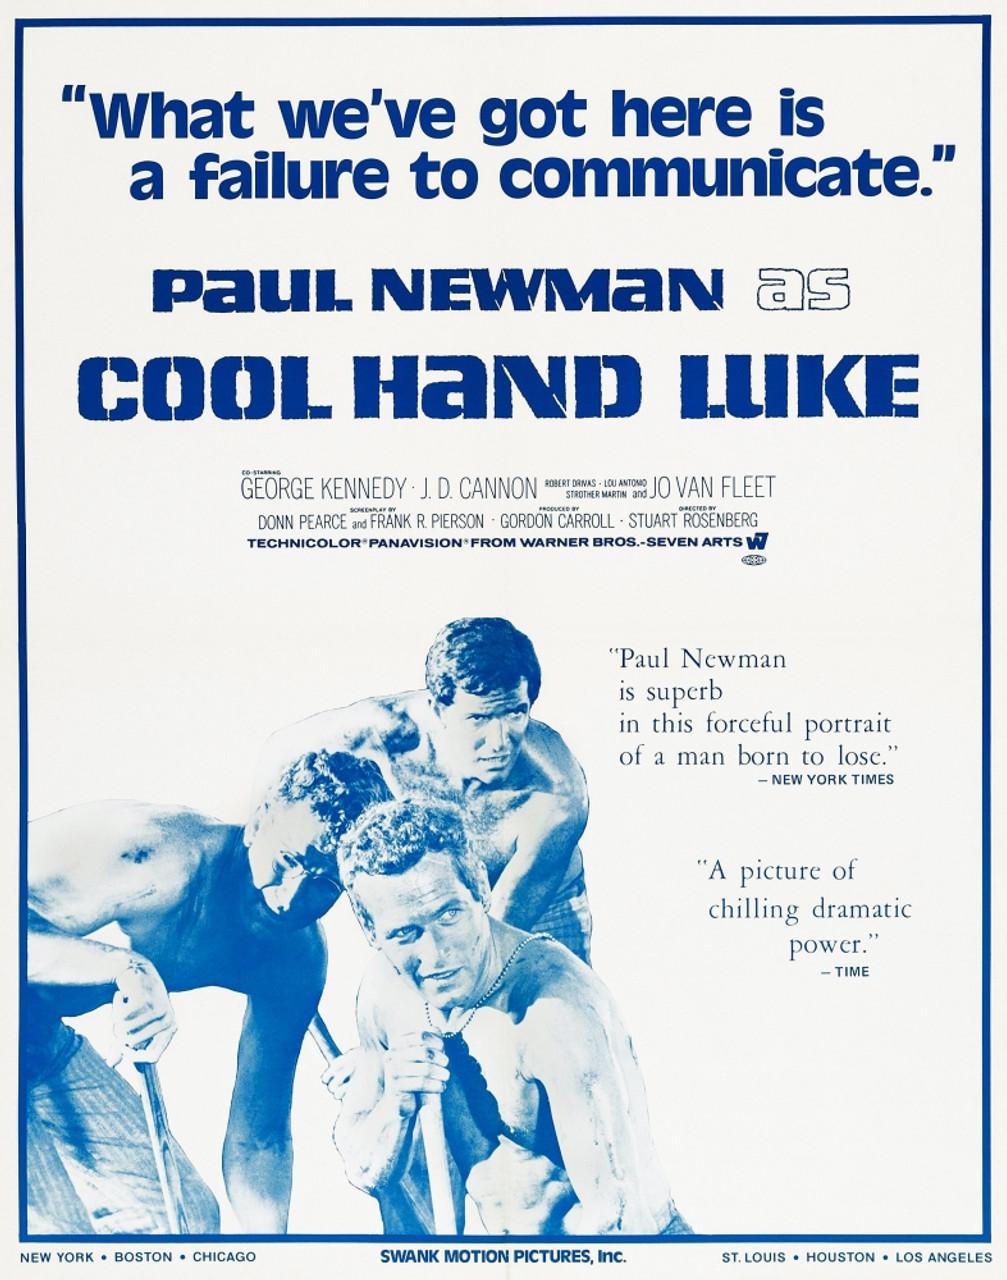 cool hand luke movie poster masterprint item varevcmcdcohaec023